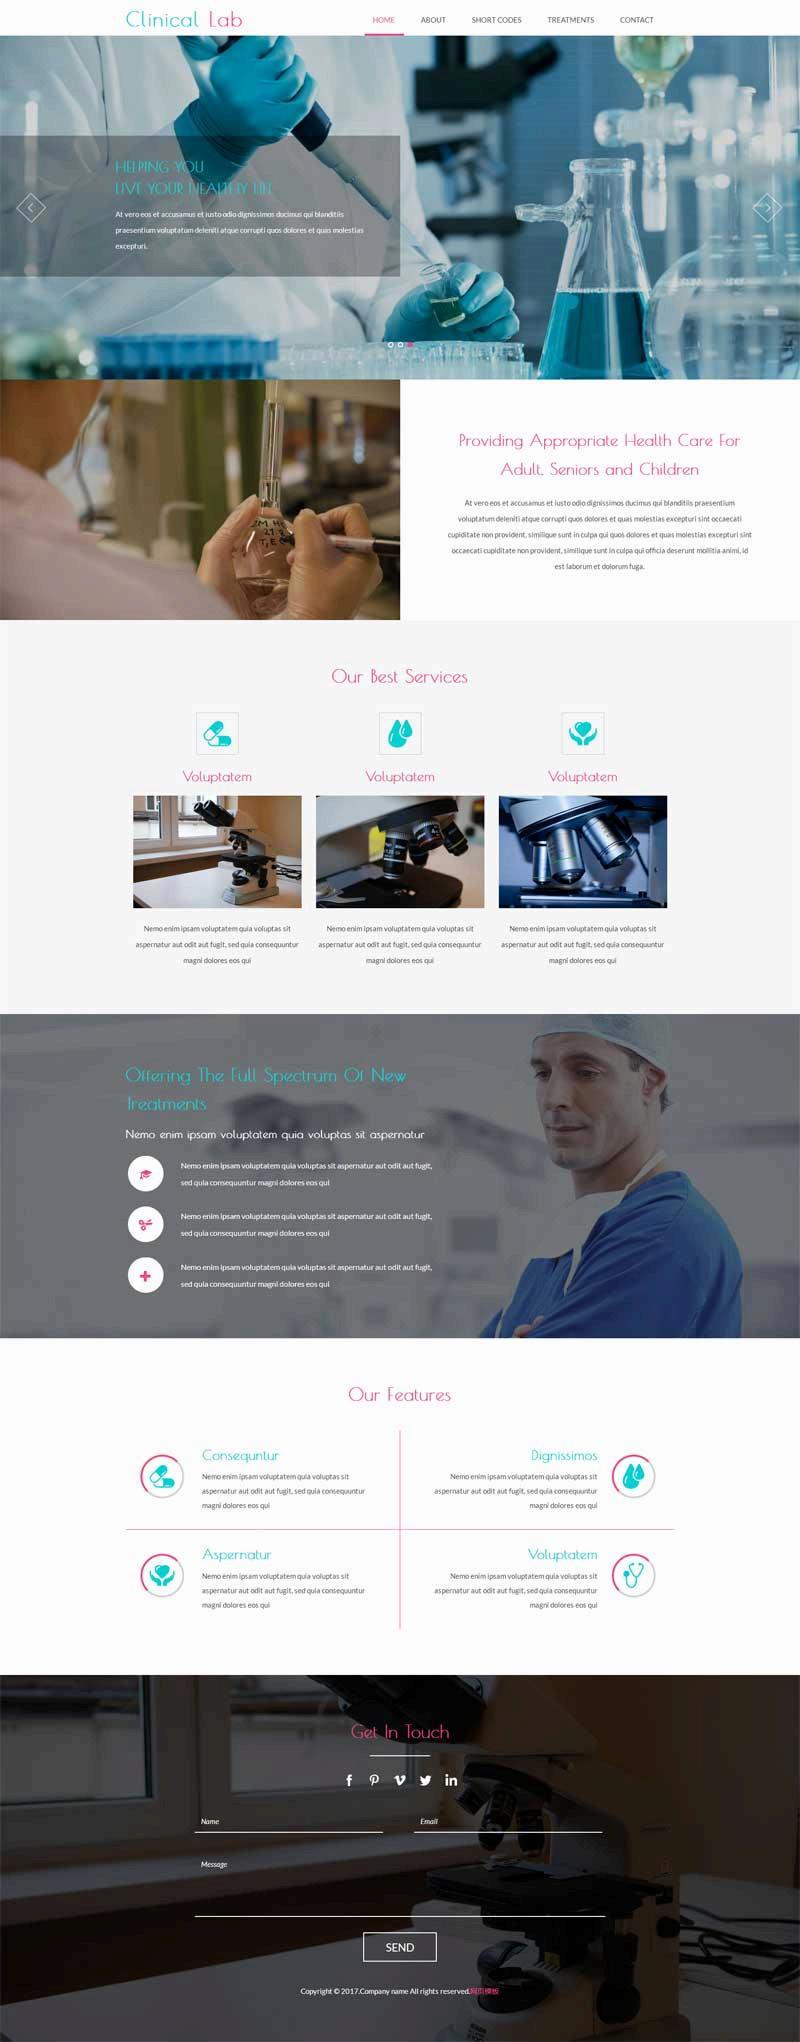 宽屏的医疗化学实验室网站模板